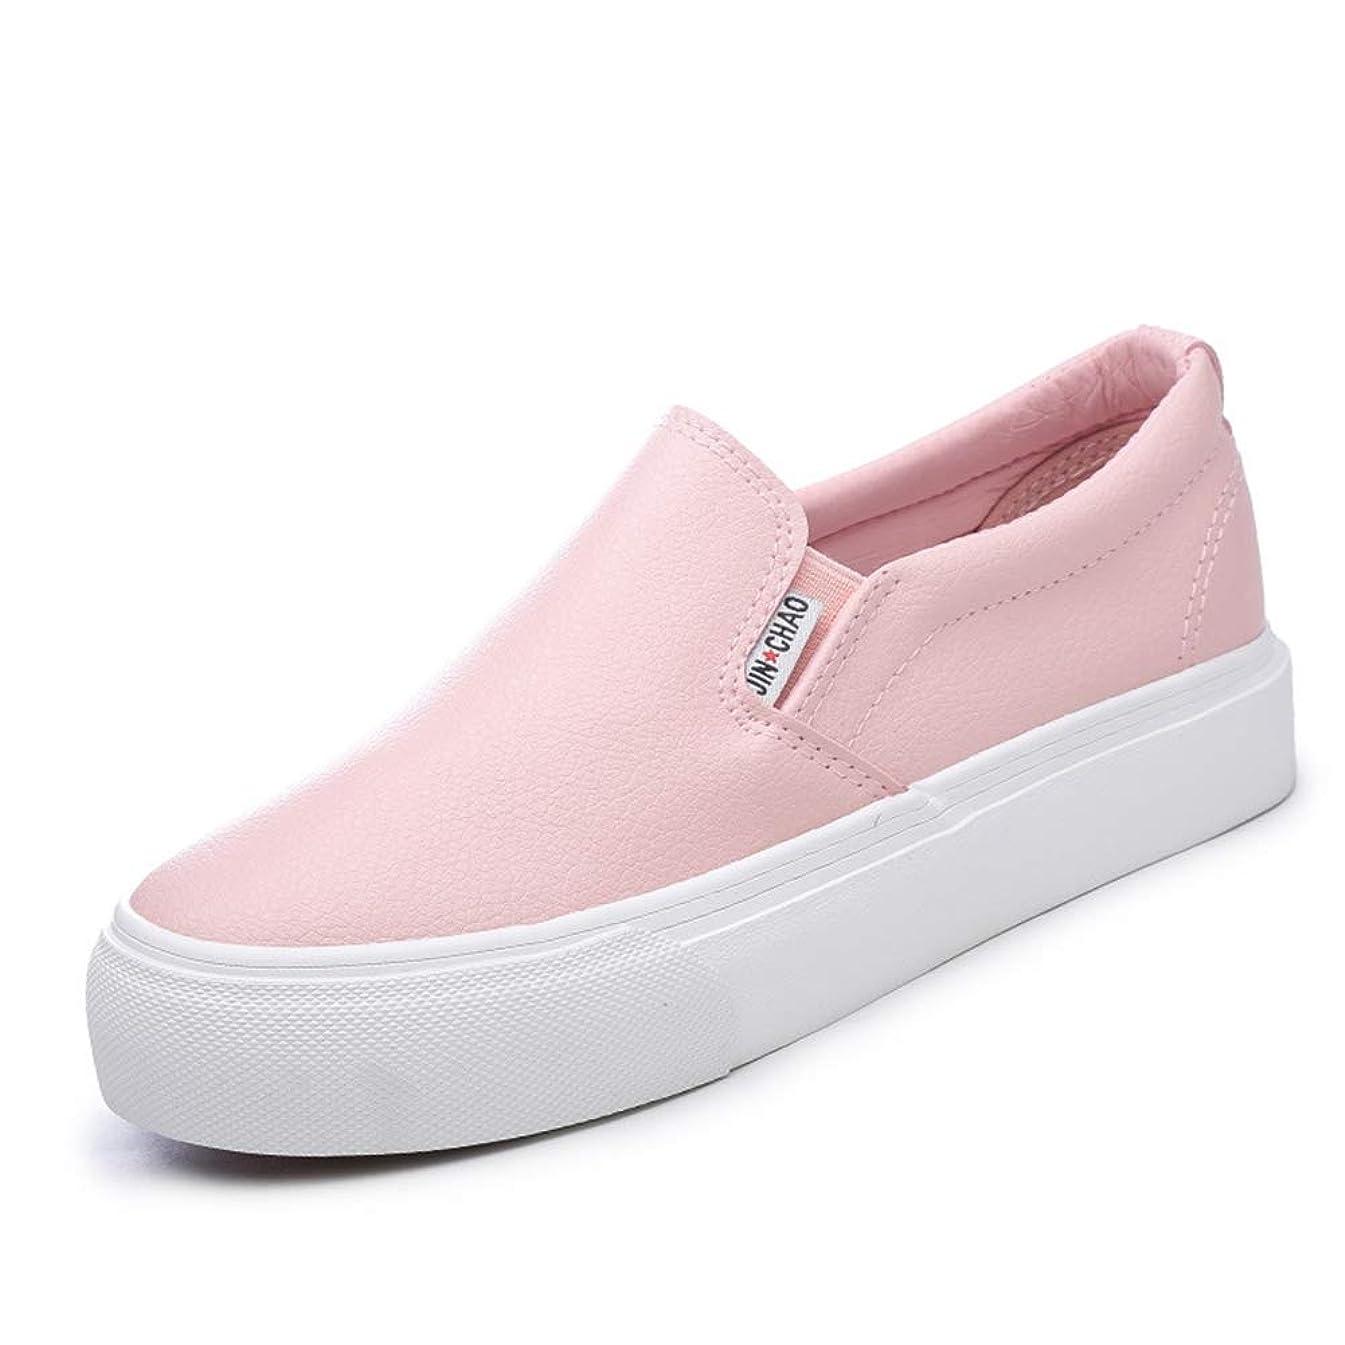 株式会社憂慮すべき月スニーカー レディース ローファー フラットシューズ 履きやすい スリッポン 可愛い シンプル ぺたんこ 学生靴 婦人靴 トラベル 通勤 カジュアル 日常着用 ピンク ホワイト 快適